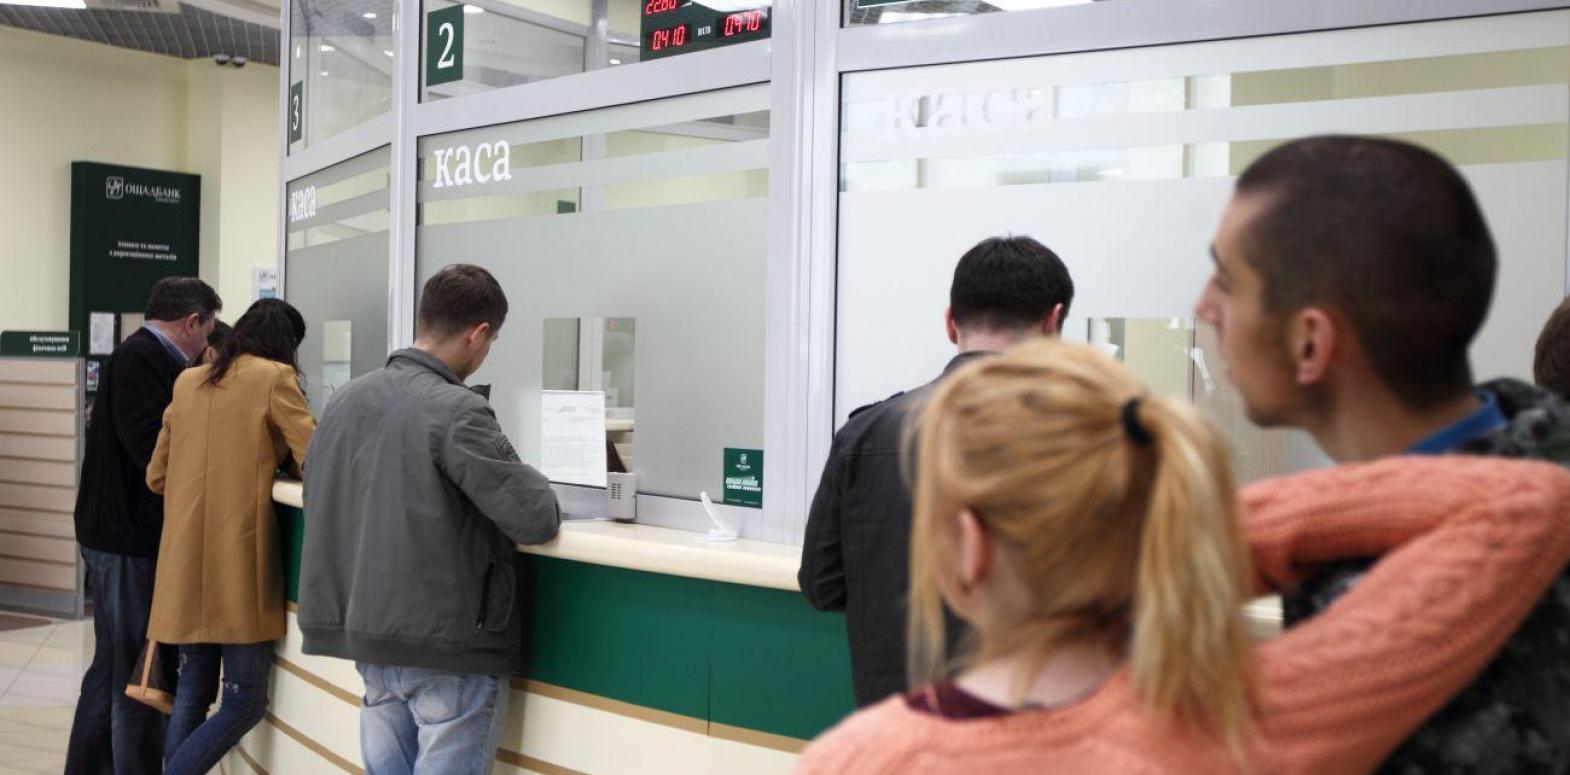 НБУ определился с работой банков в связи с переносом рабочих дней в 2021 году